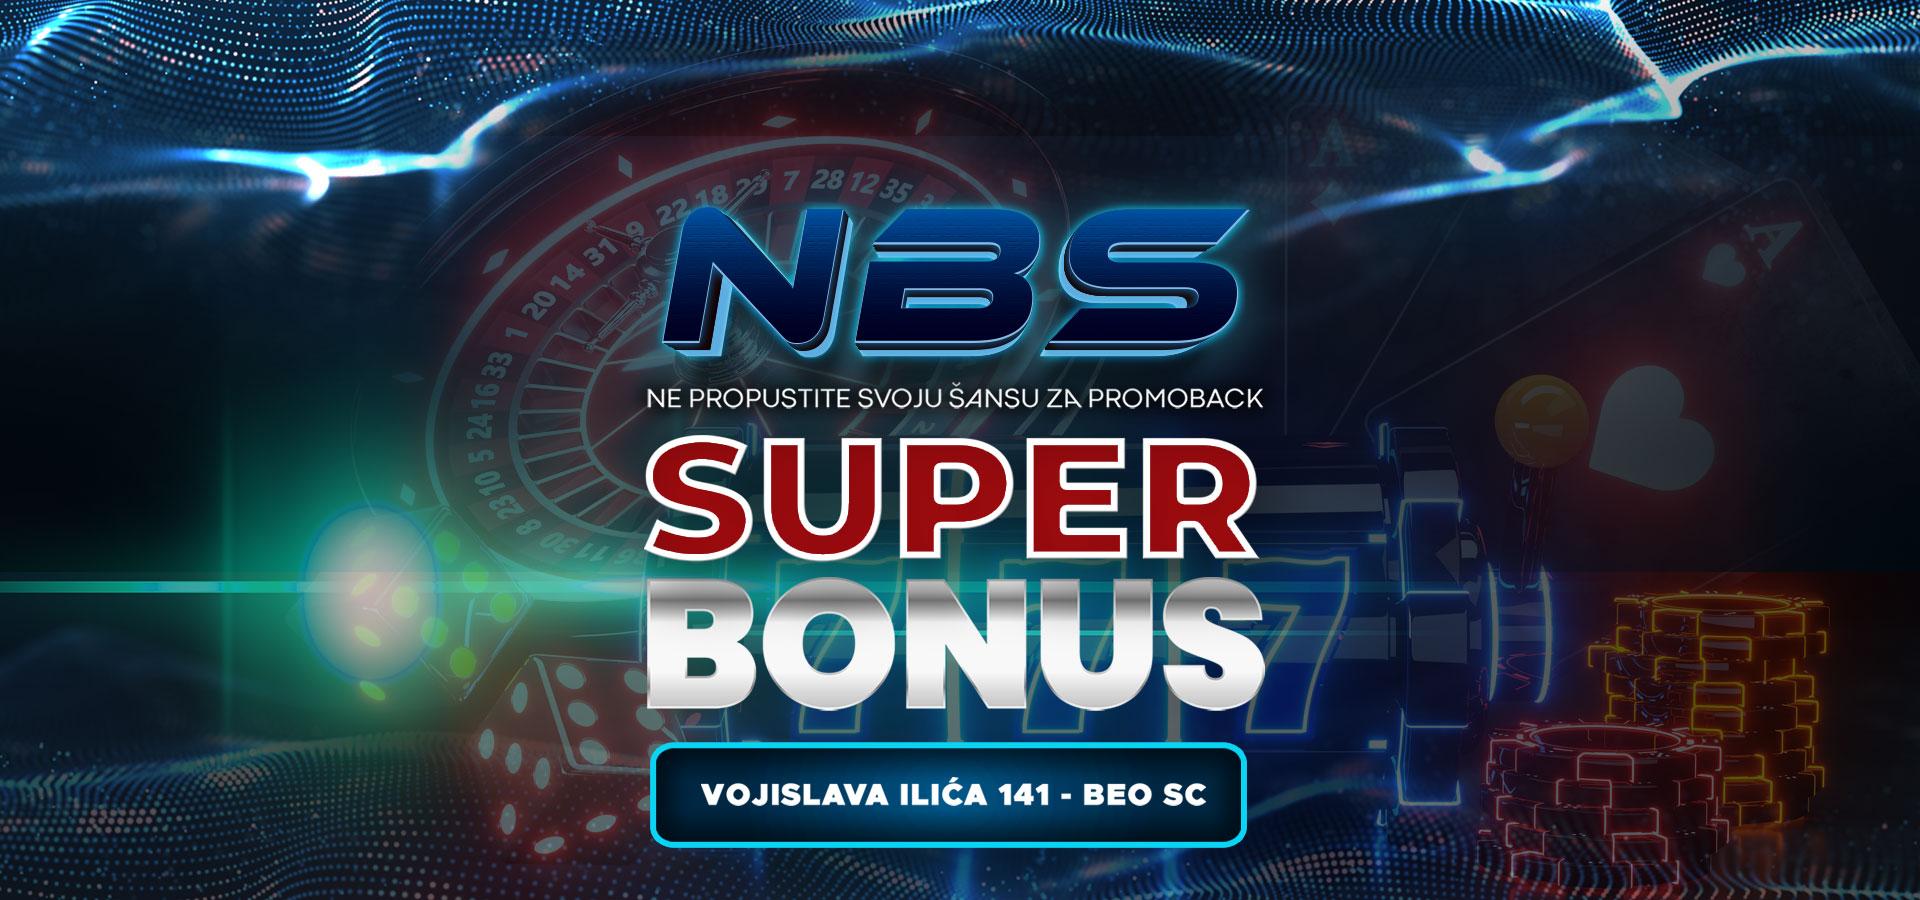 NOVI SUPER BONUS!